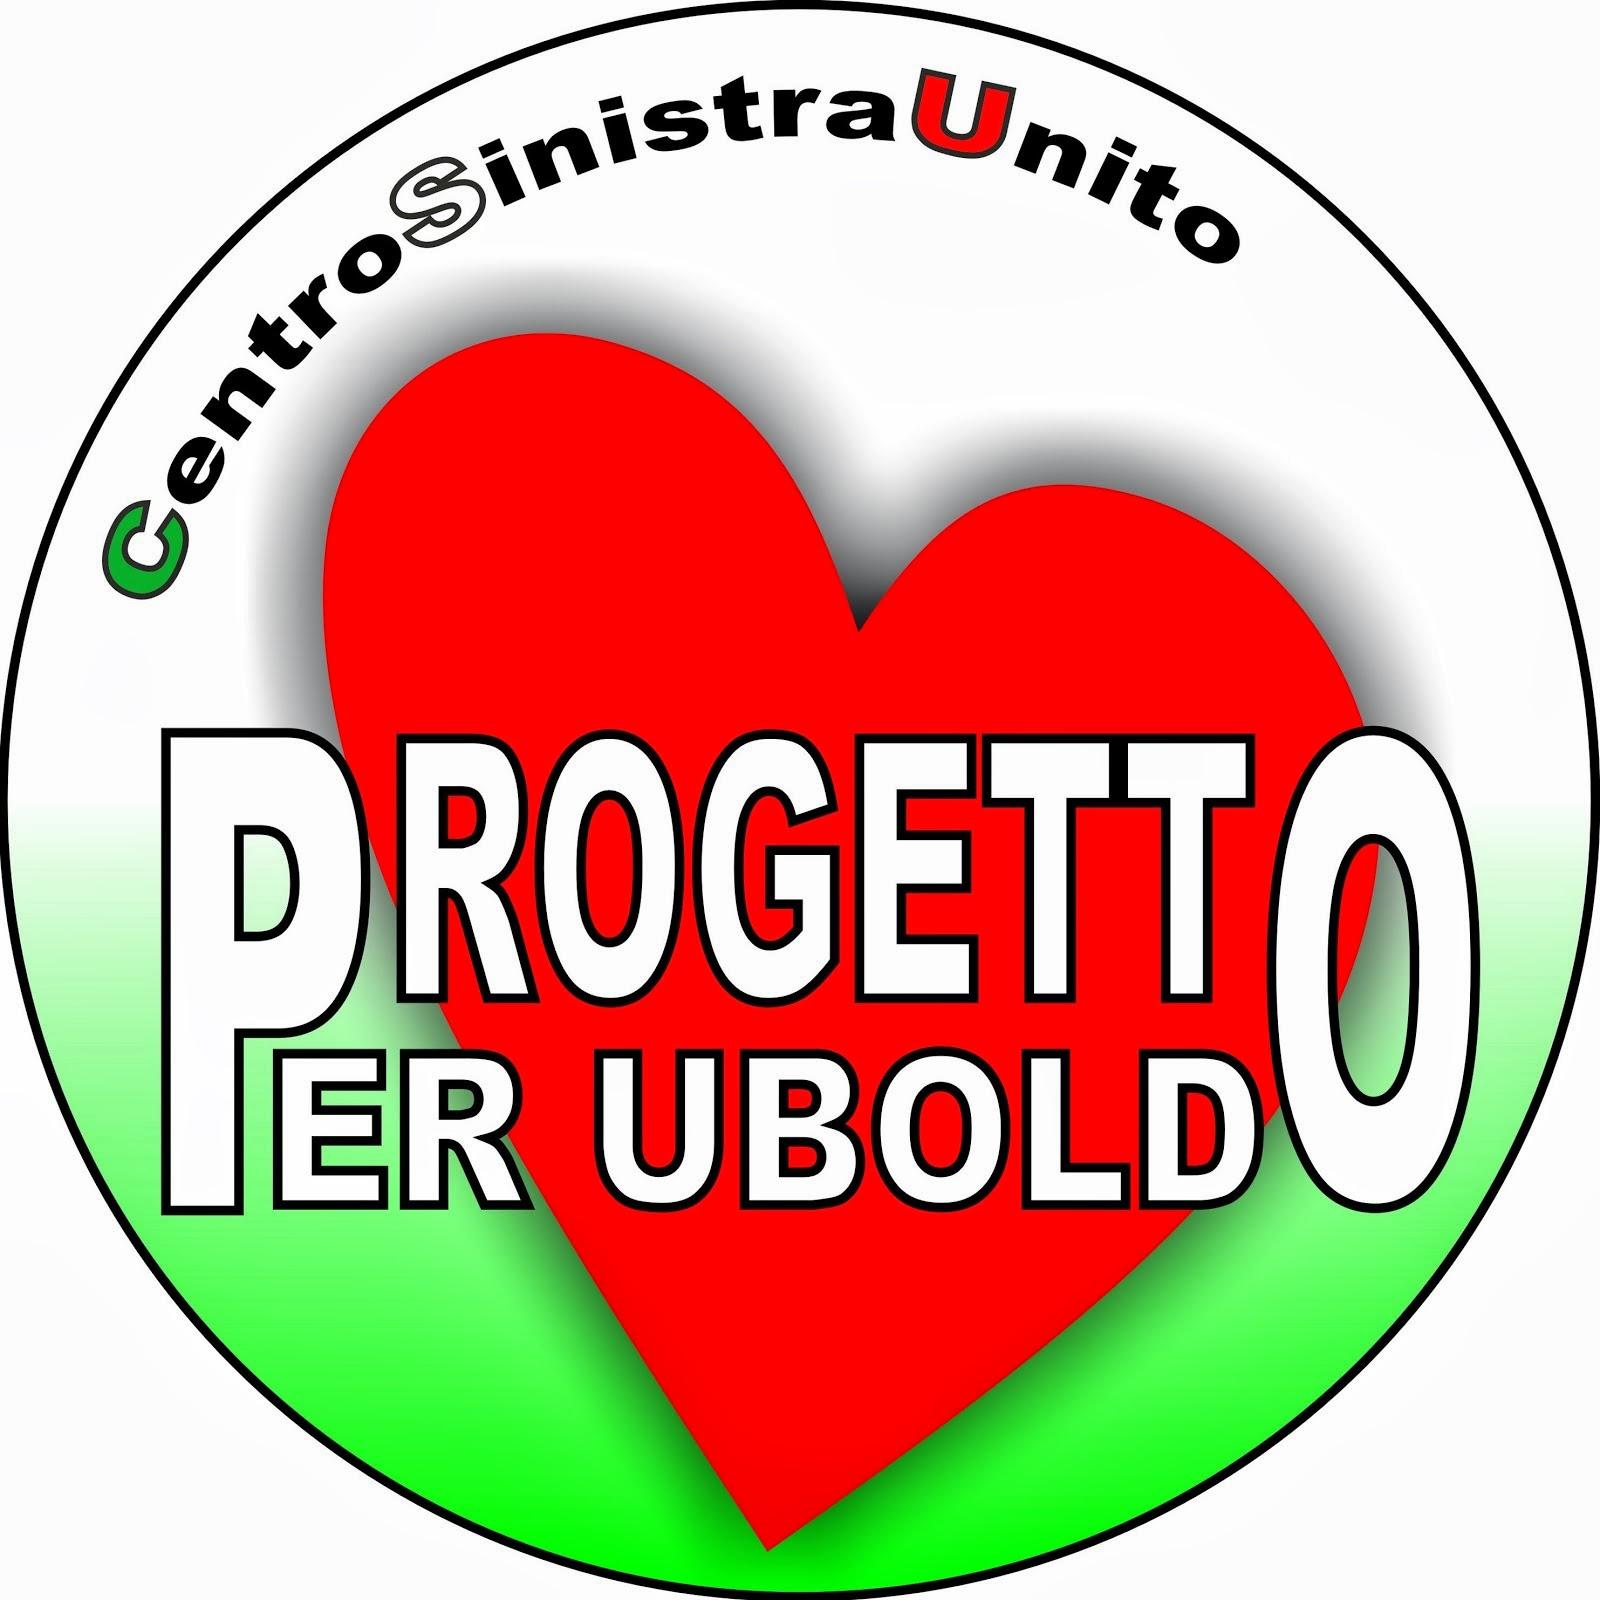 Progetto per Uboldo CentroSinistraUnito